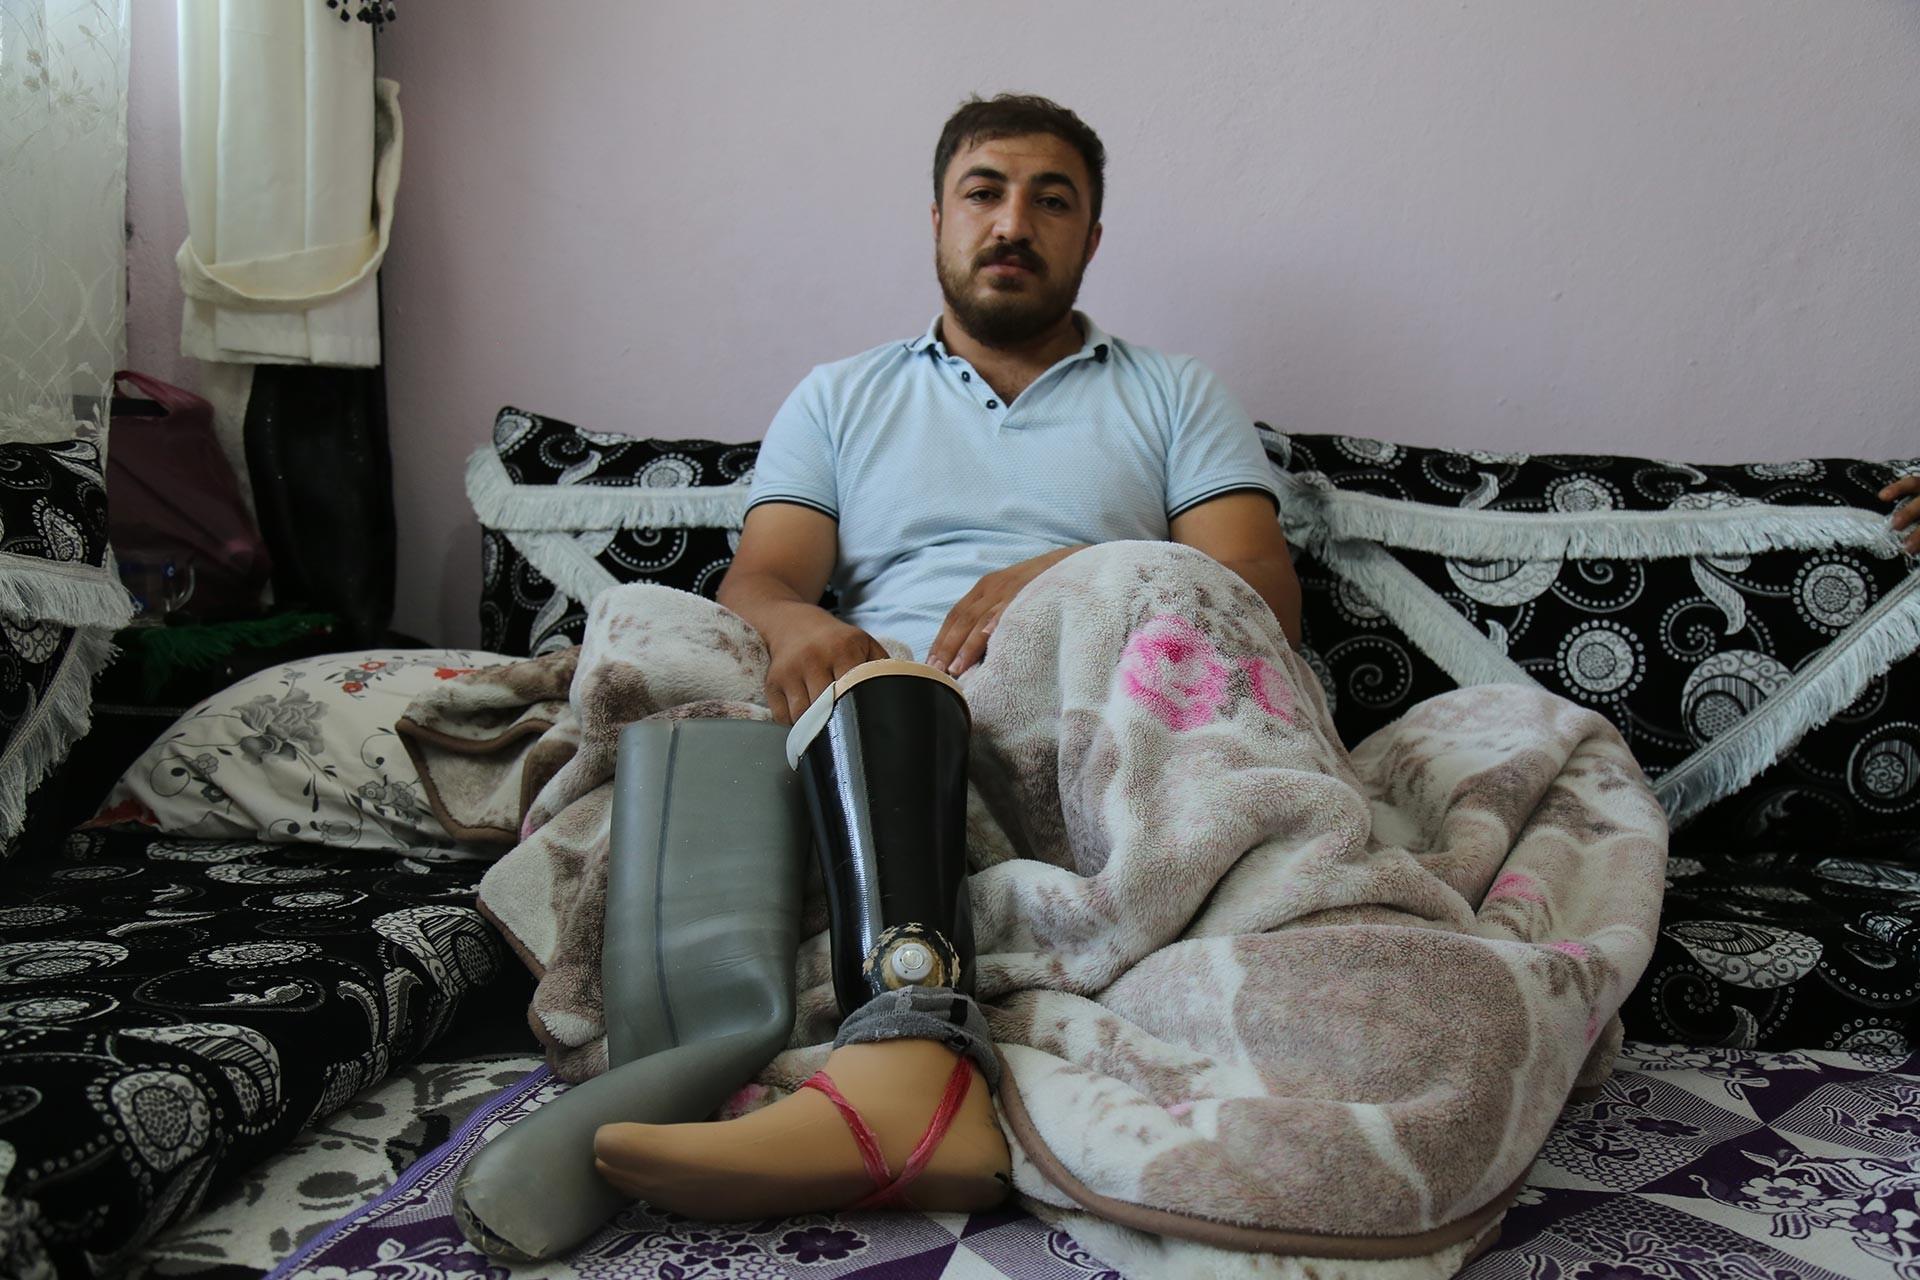 Mayın patlamasında bacağını kaybeden Ünal Demir protezini değiştiremiyor